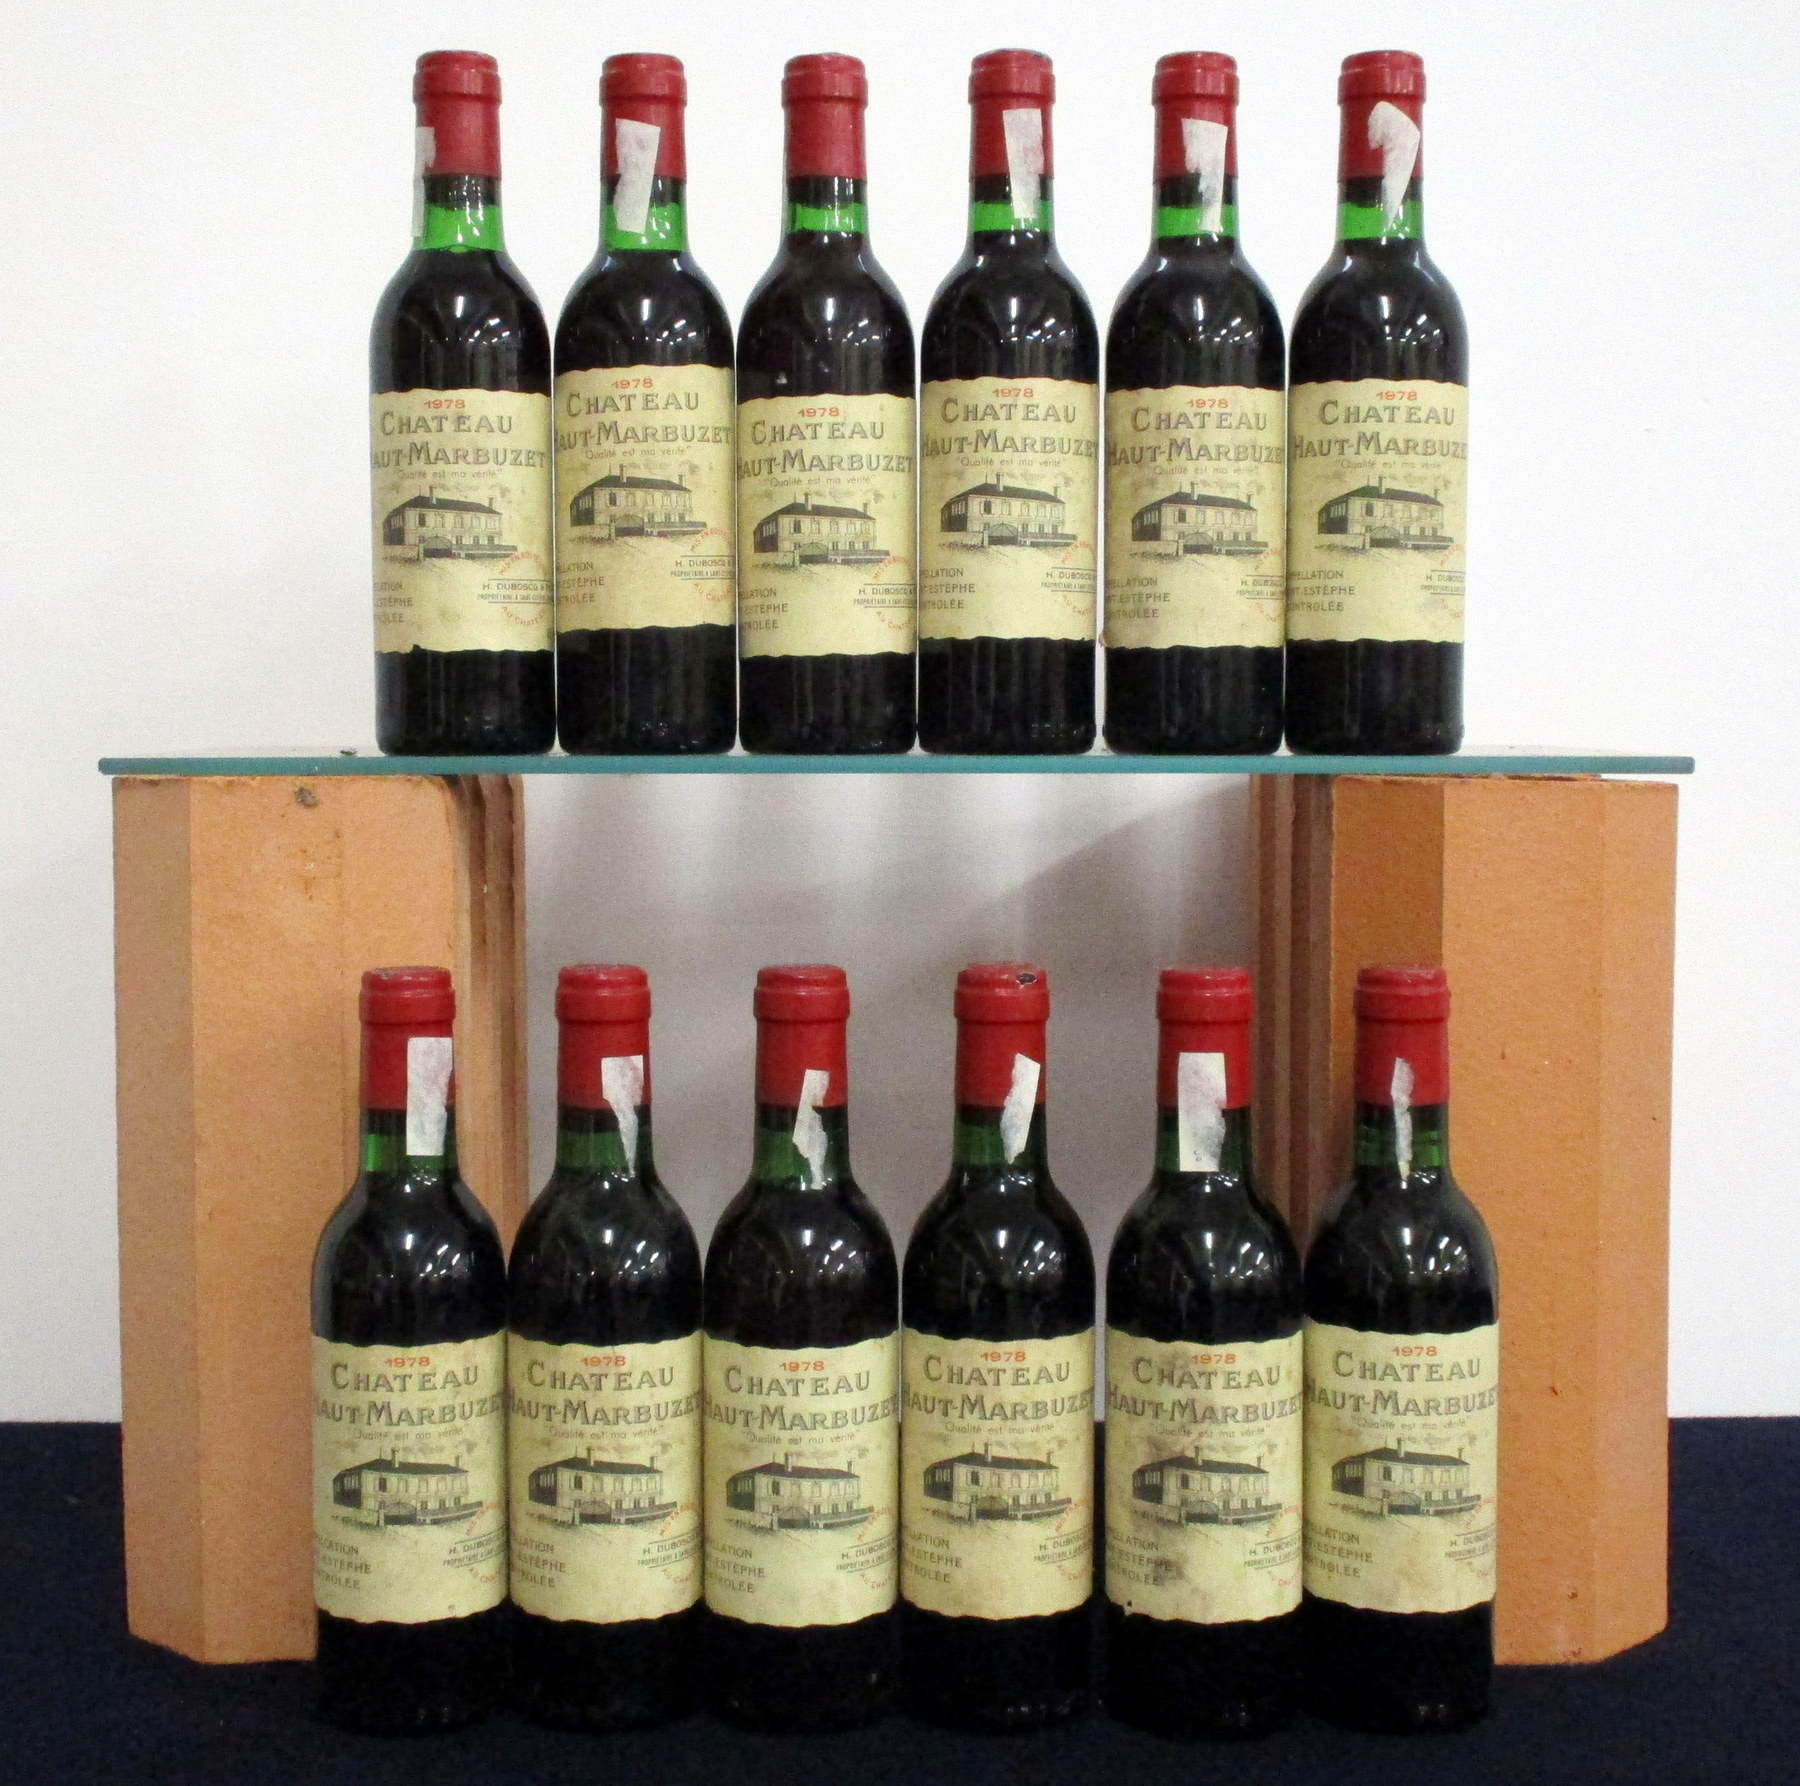 12 hf bts Ch. Haut-Marbuzet 1978 St-Estèphe Grand Bourgeois Exceptionnel 5 i.n, 7 vts, aged